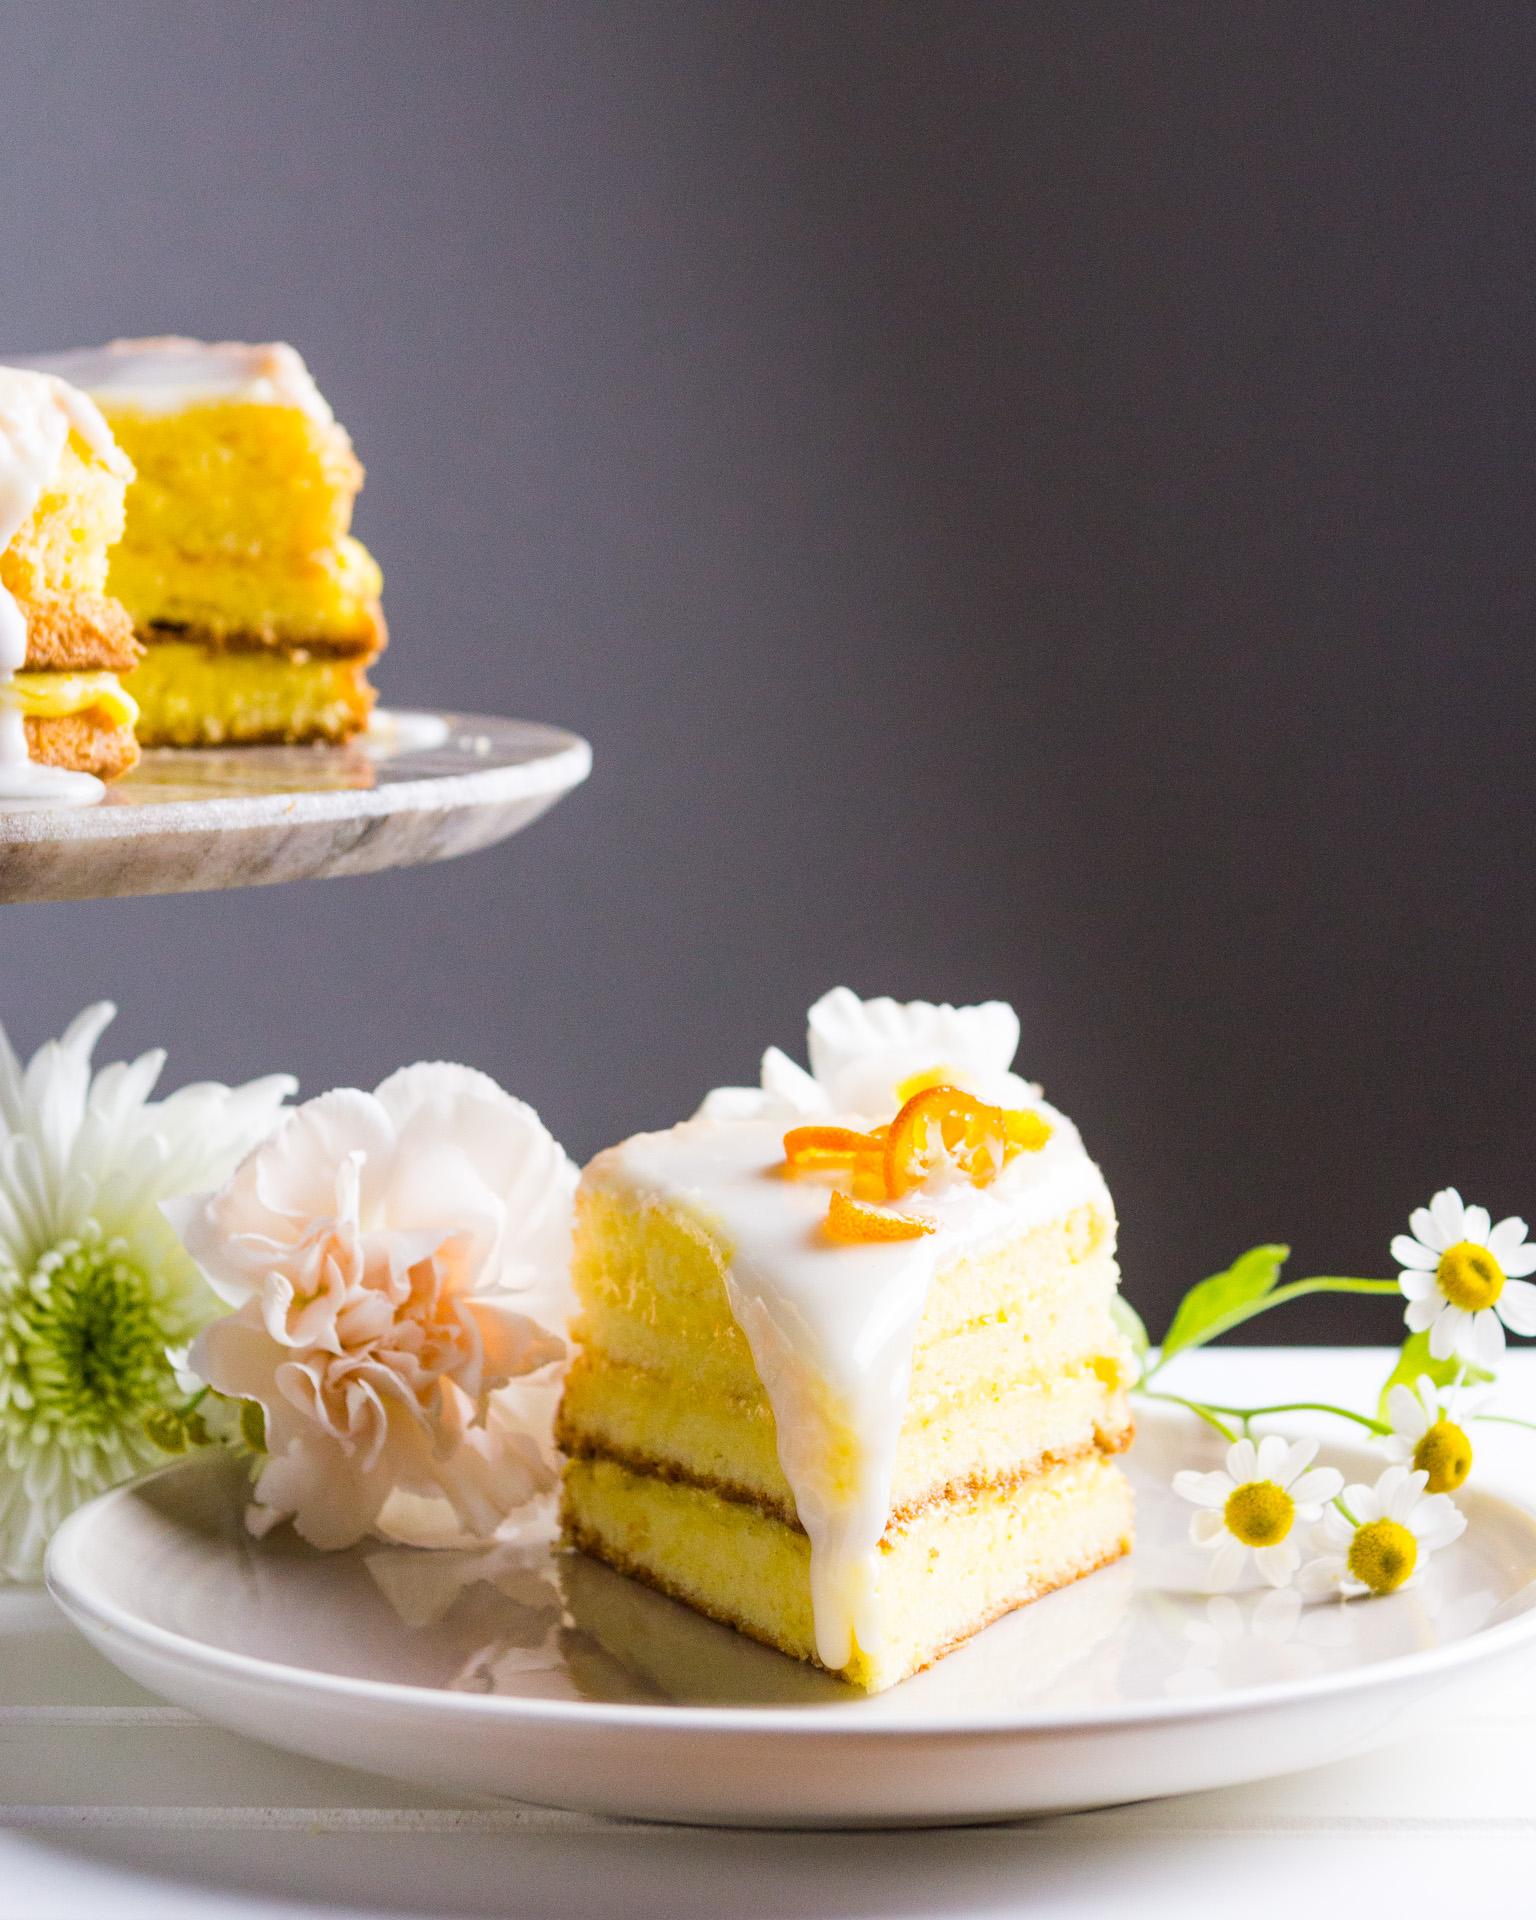 citrus-cake-11.jpg